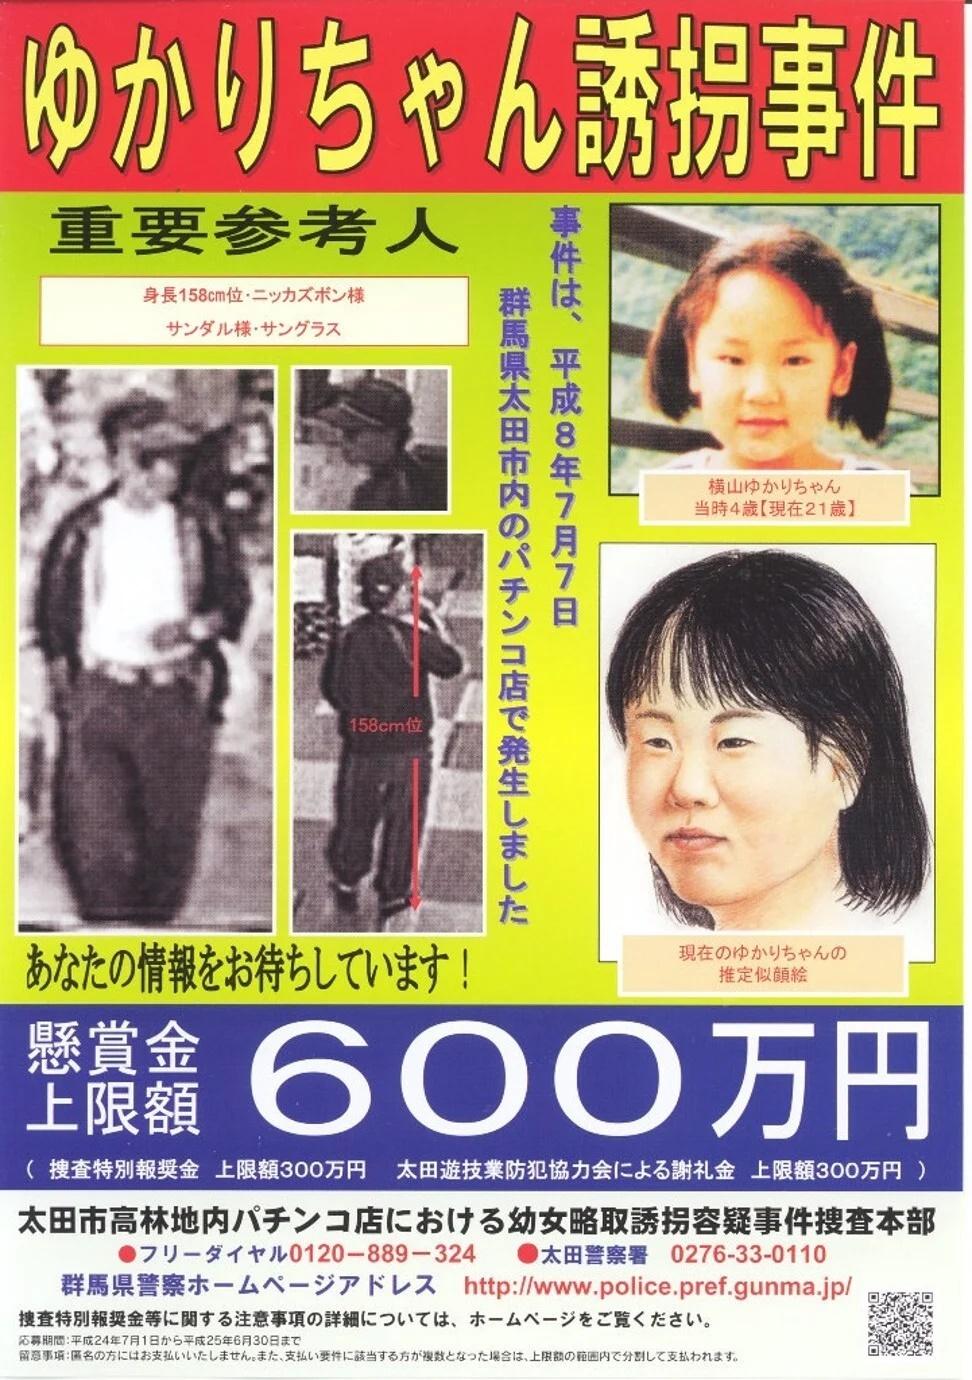 Nhật Bản lật lại vụ án 4 thập kỷ: Nghi phạm bí ẩn trong tiệm pachinko